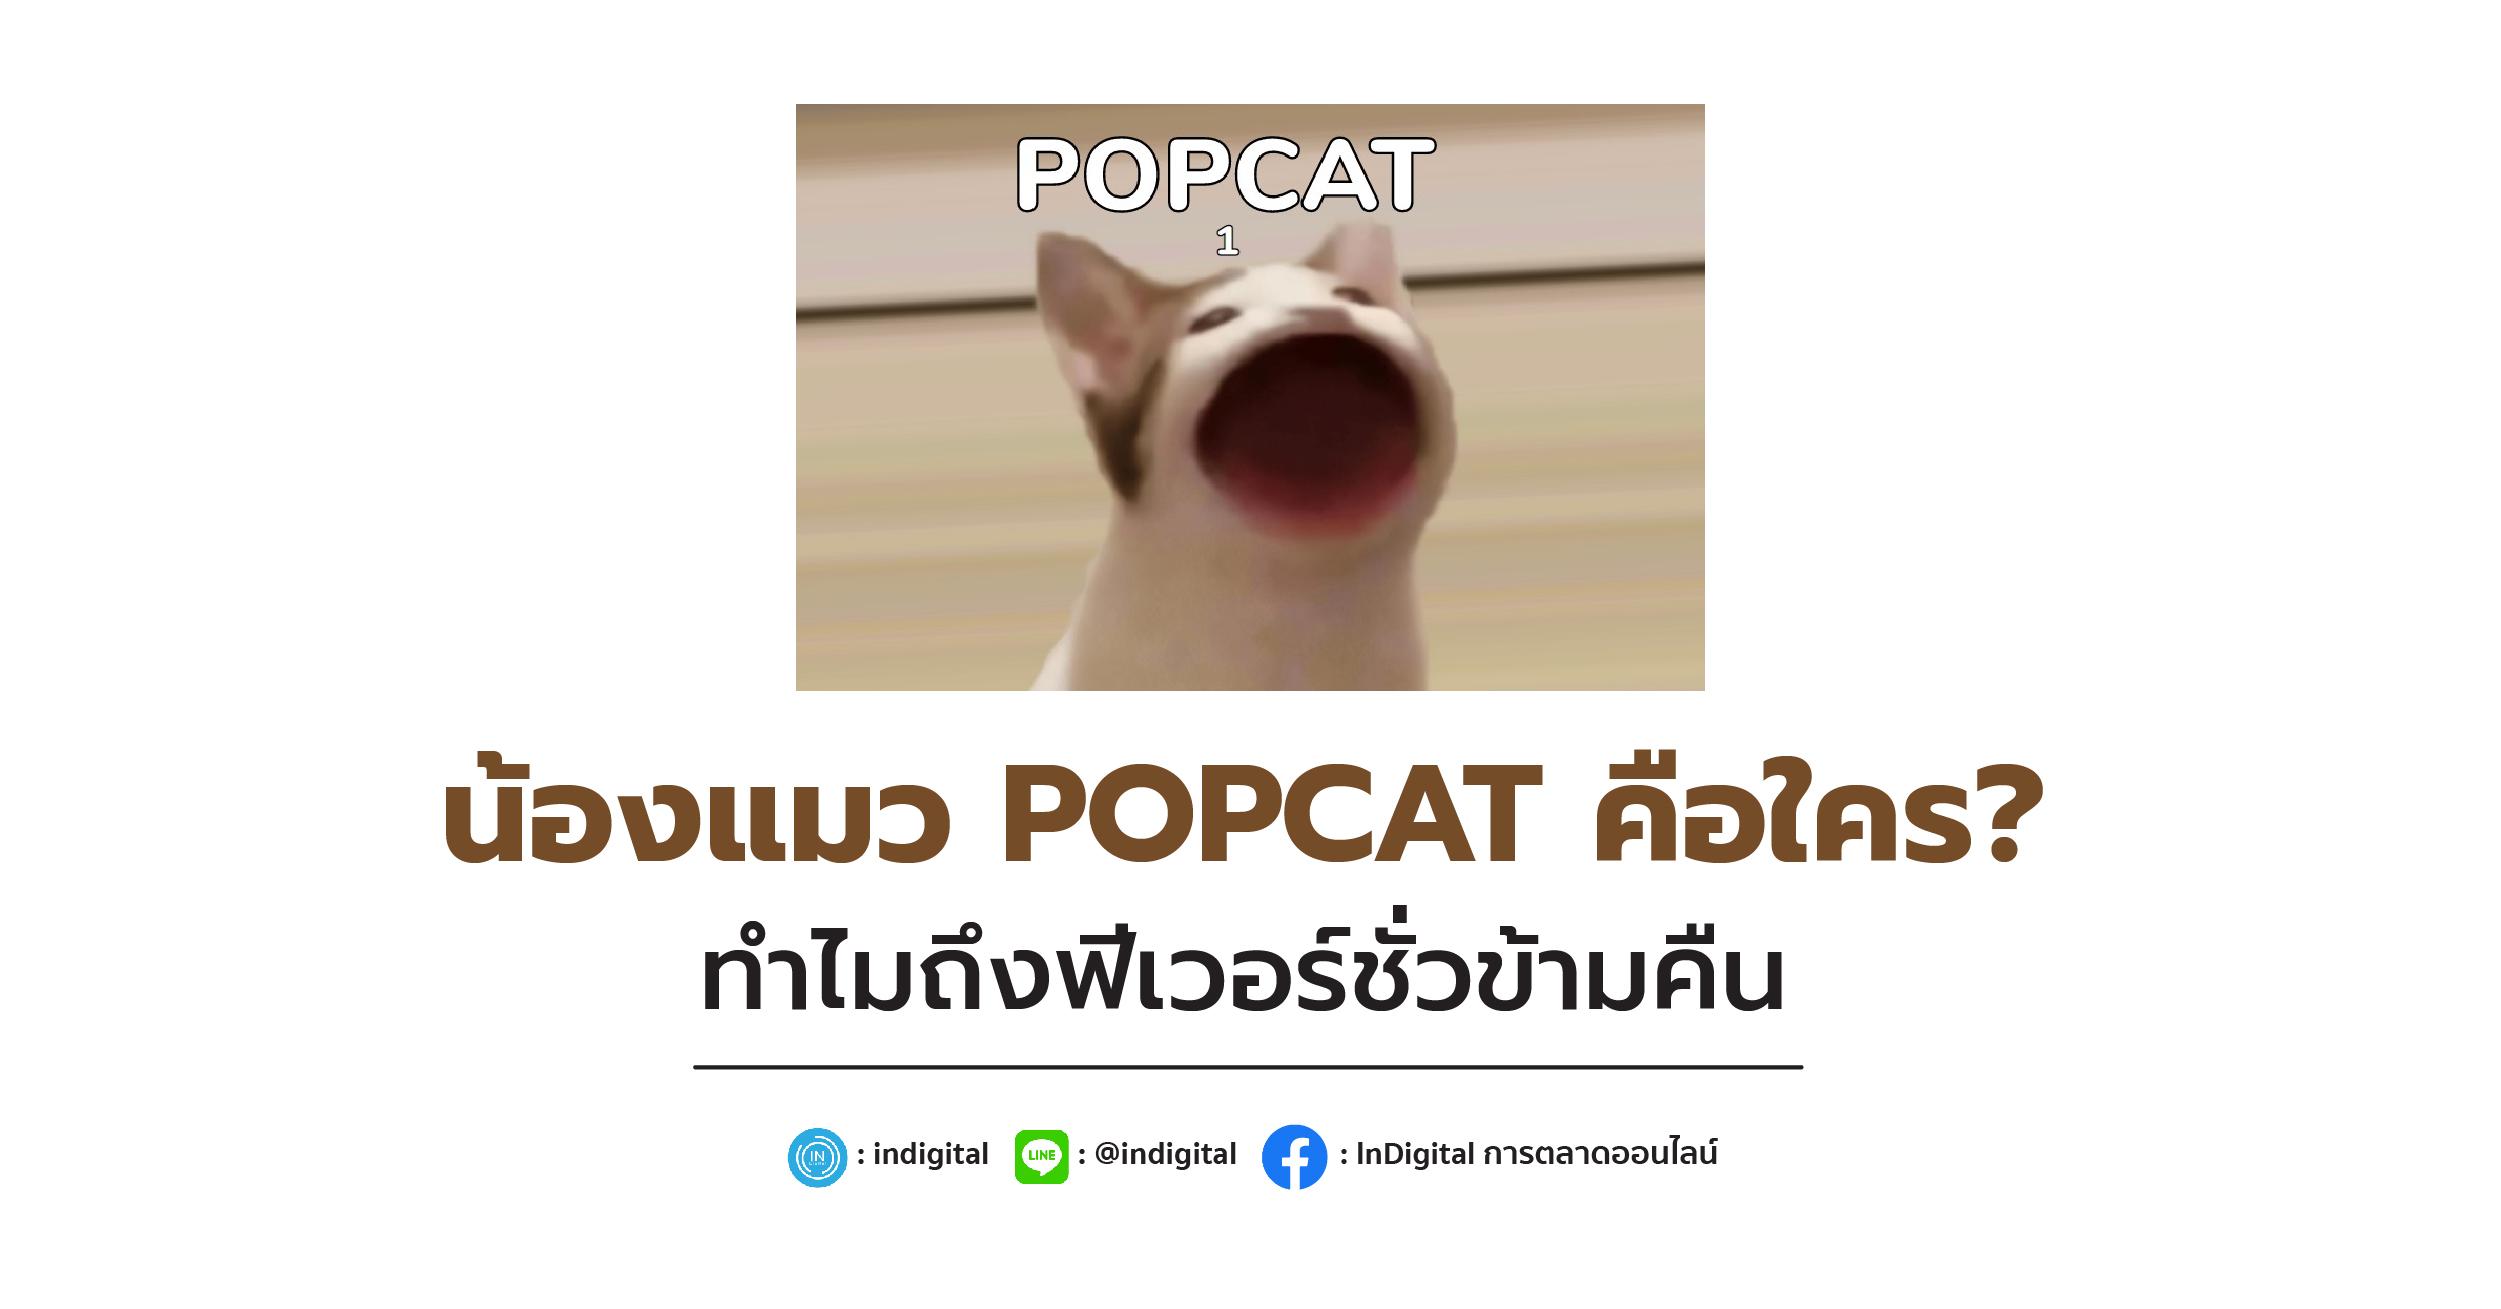 น้องแมว POPCAT คือใคร? ทำไมถึงฟีเวอร์ชั่วข้ามคืน